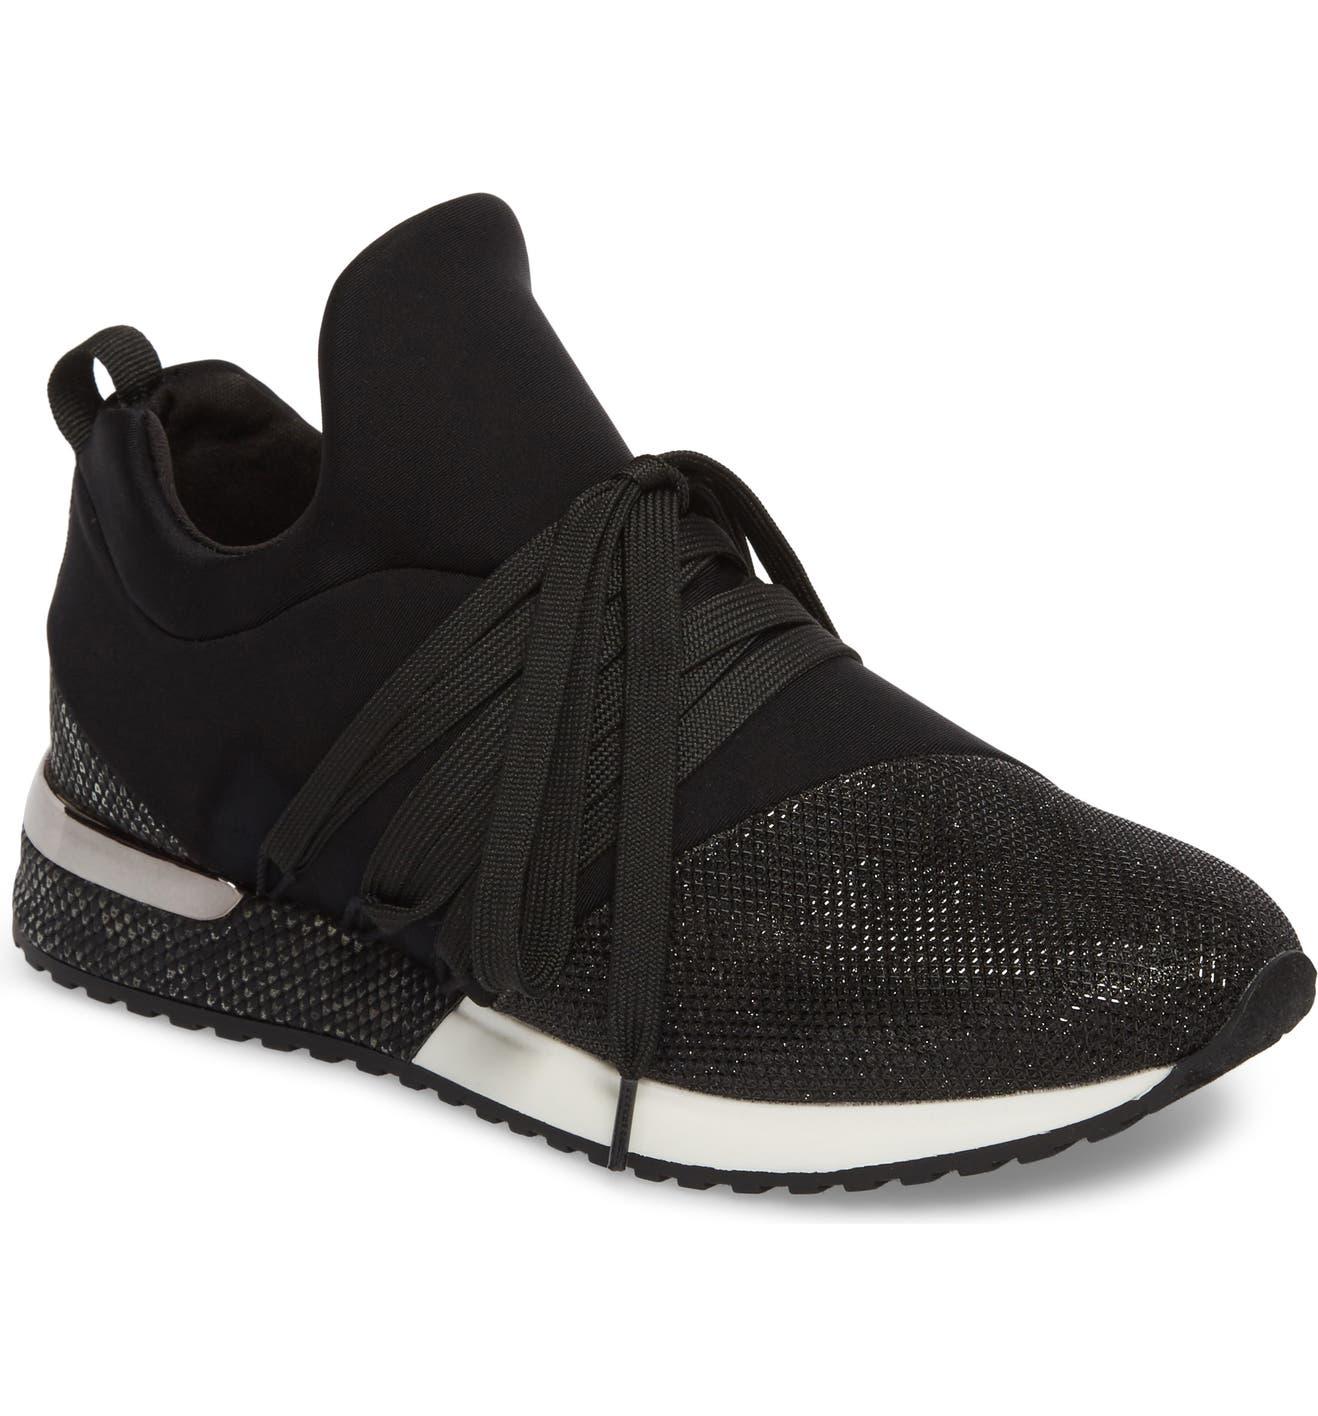 56a8c8a042dd1 Zorro Sneaker